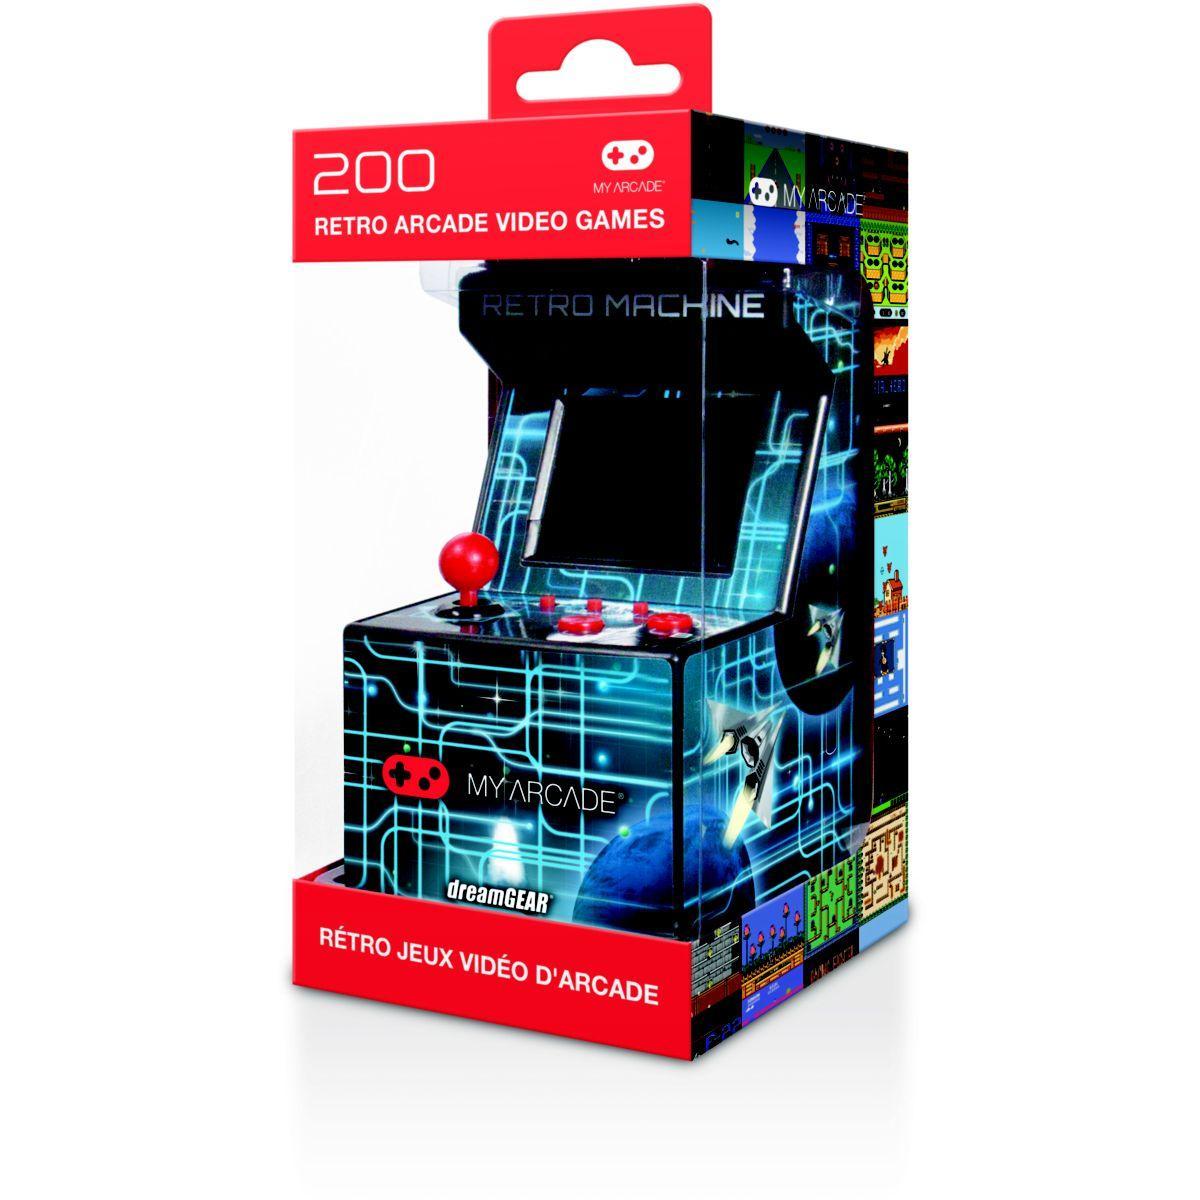 Console r�tro my arcade mini arcade r�tro + 200 jeux int�gr�s (photo)